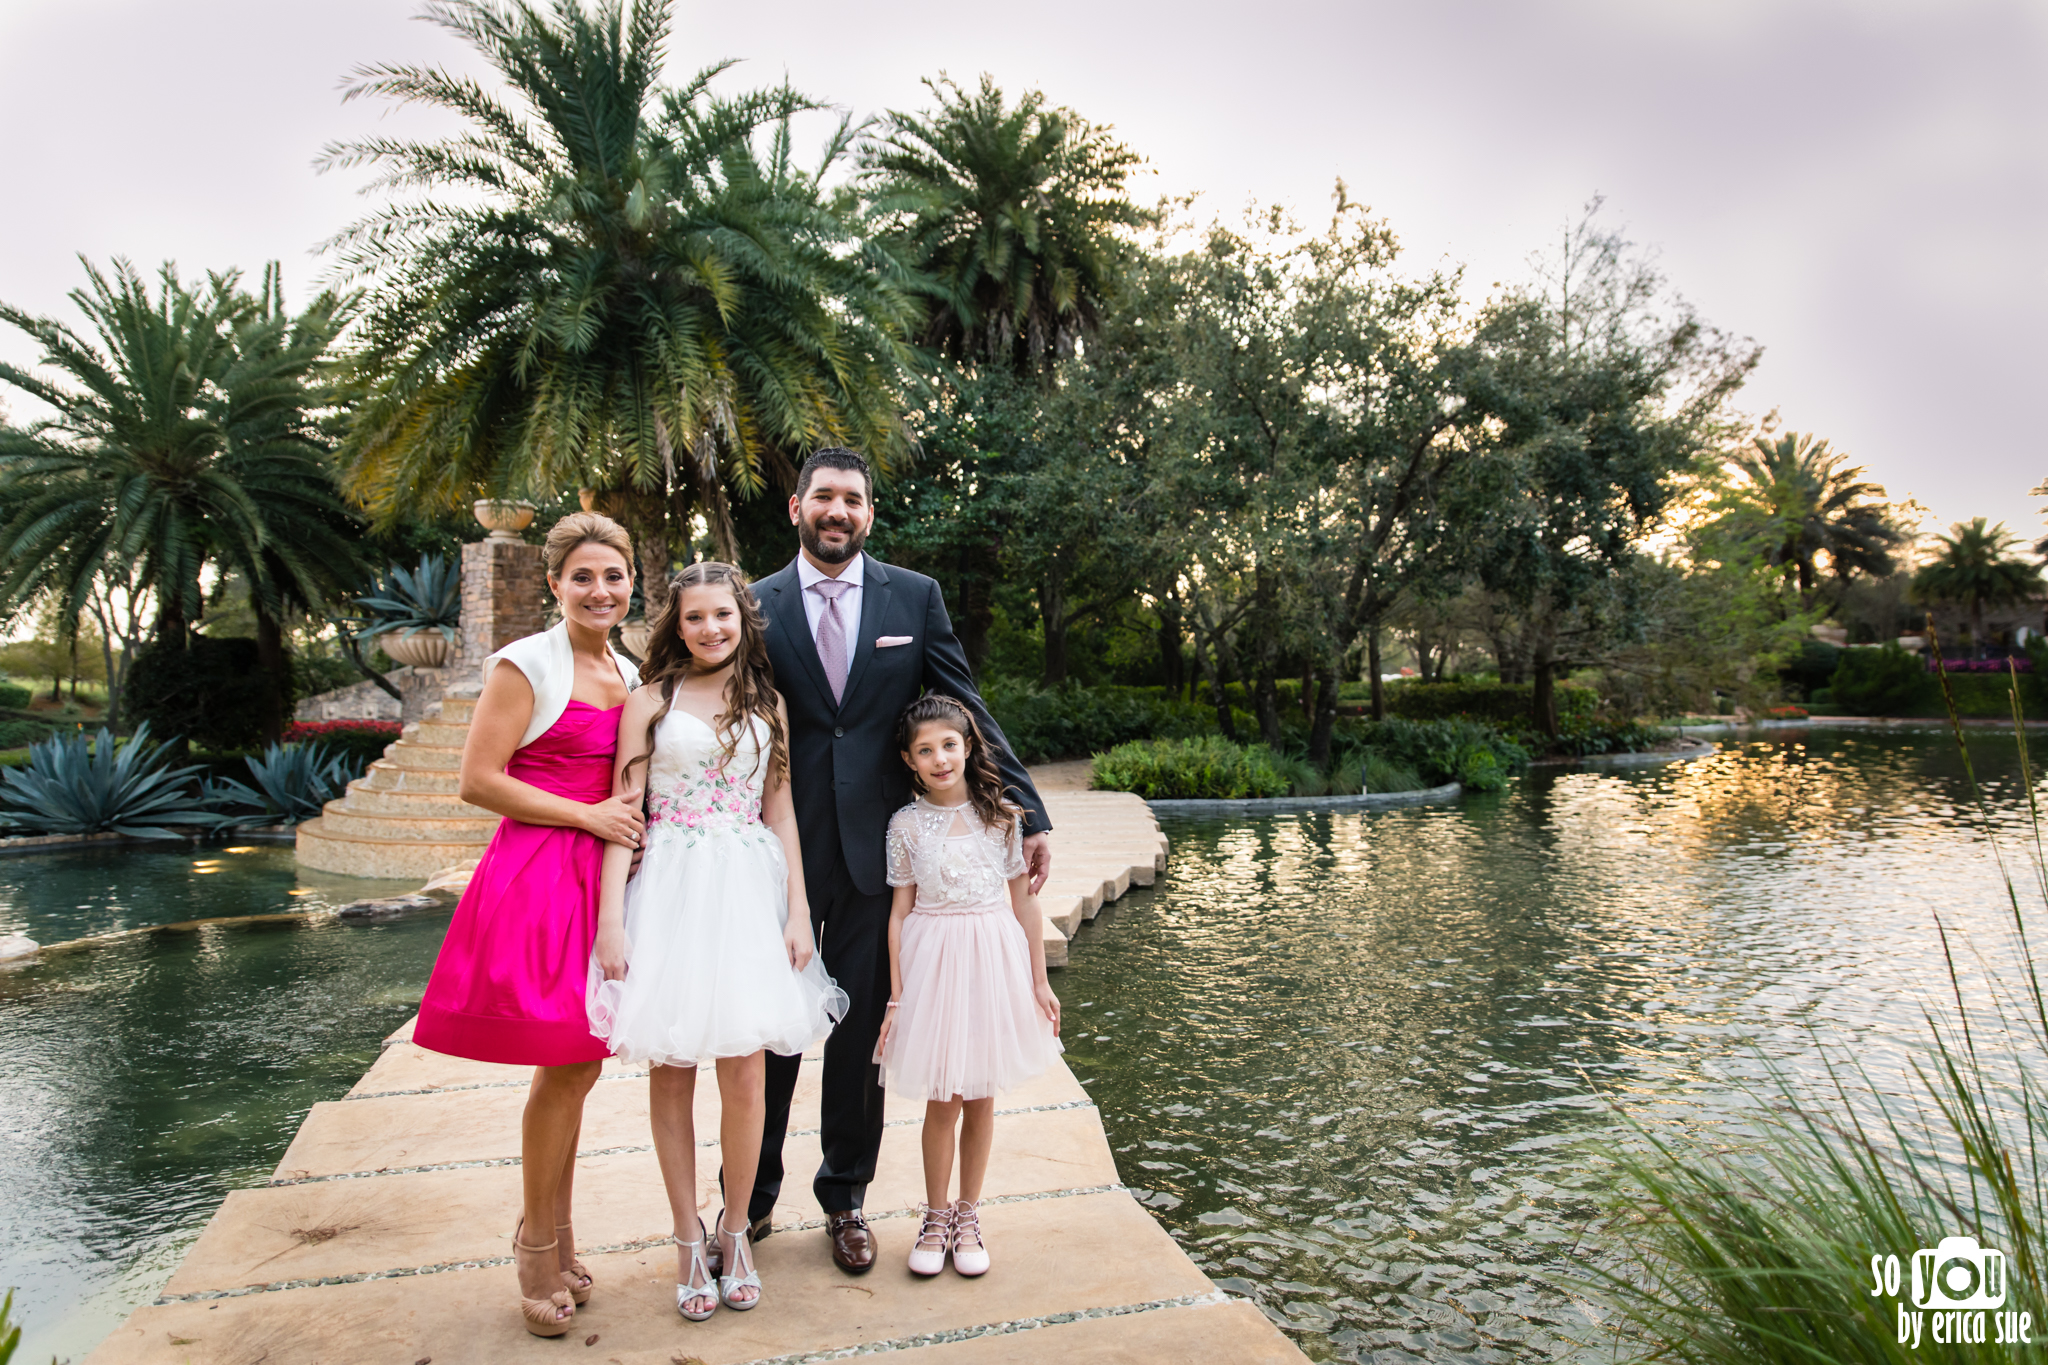 bat-mitzvah-photography-parkland-florida-8131.jpg